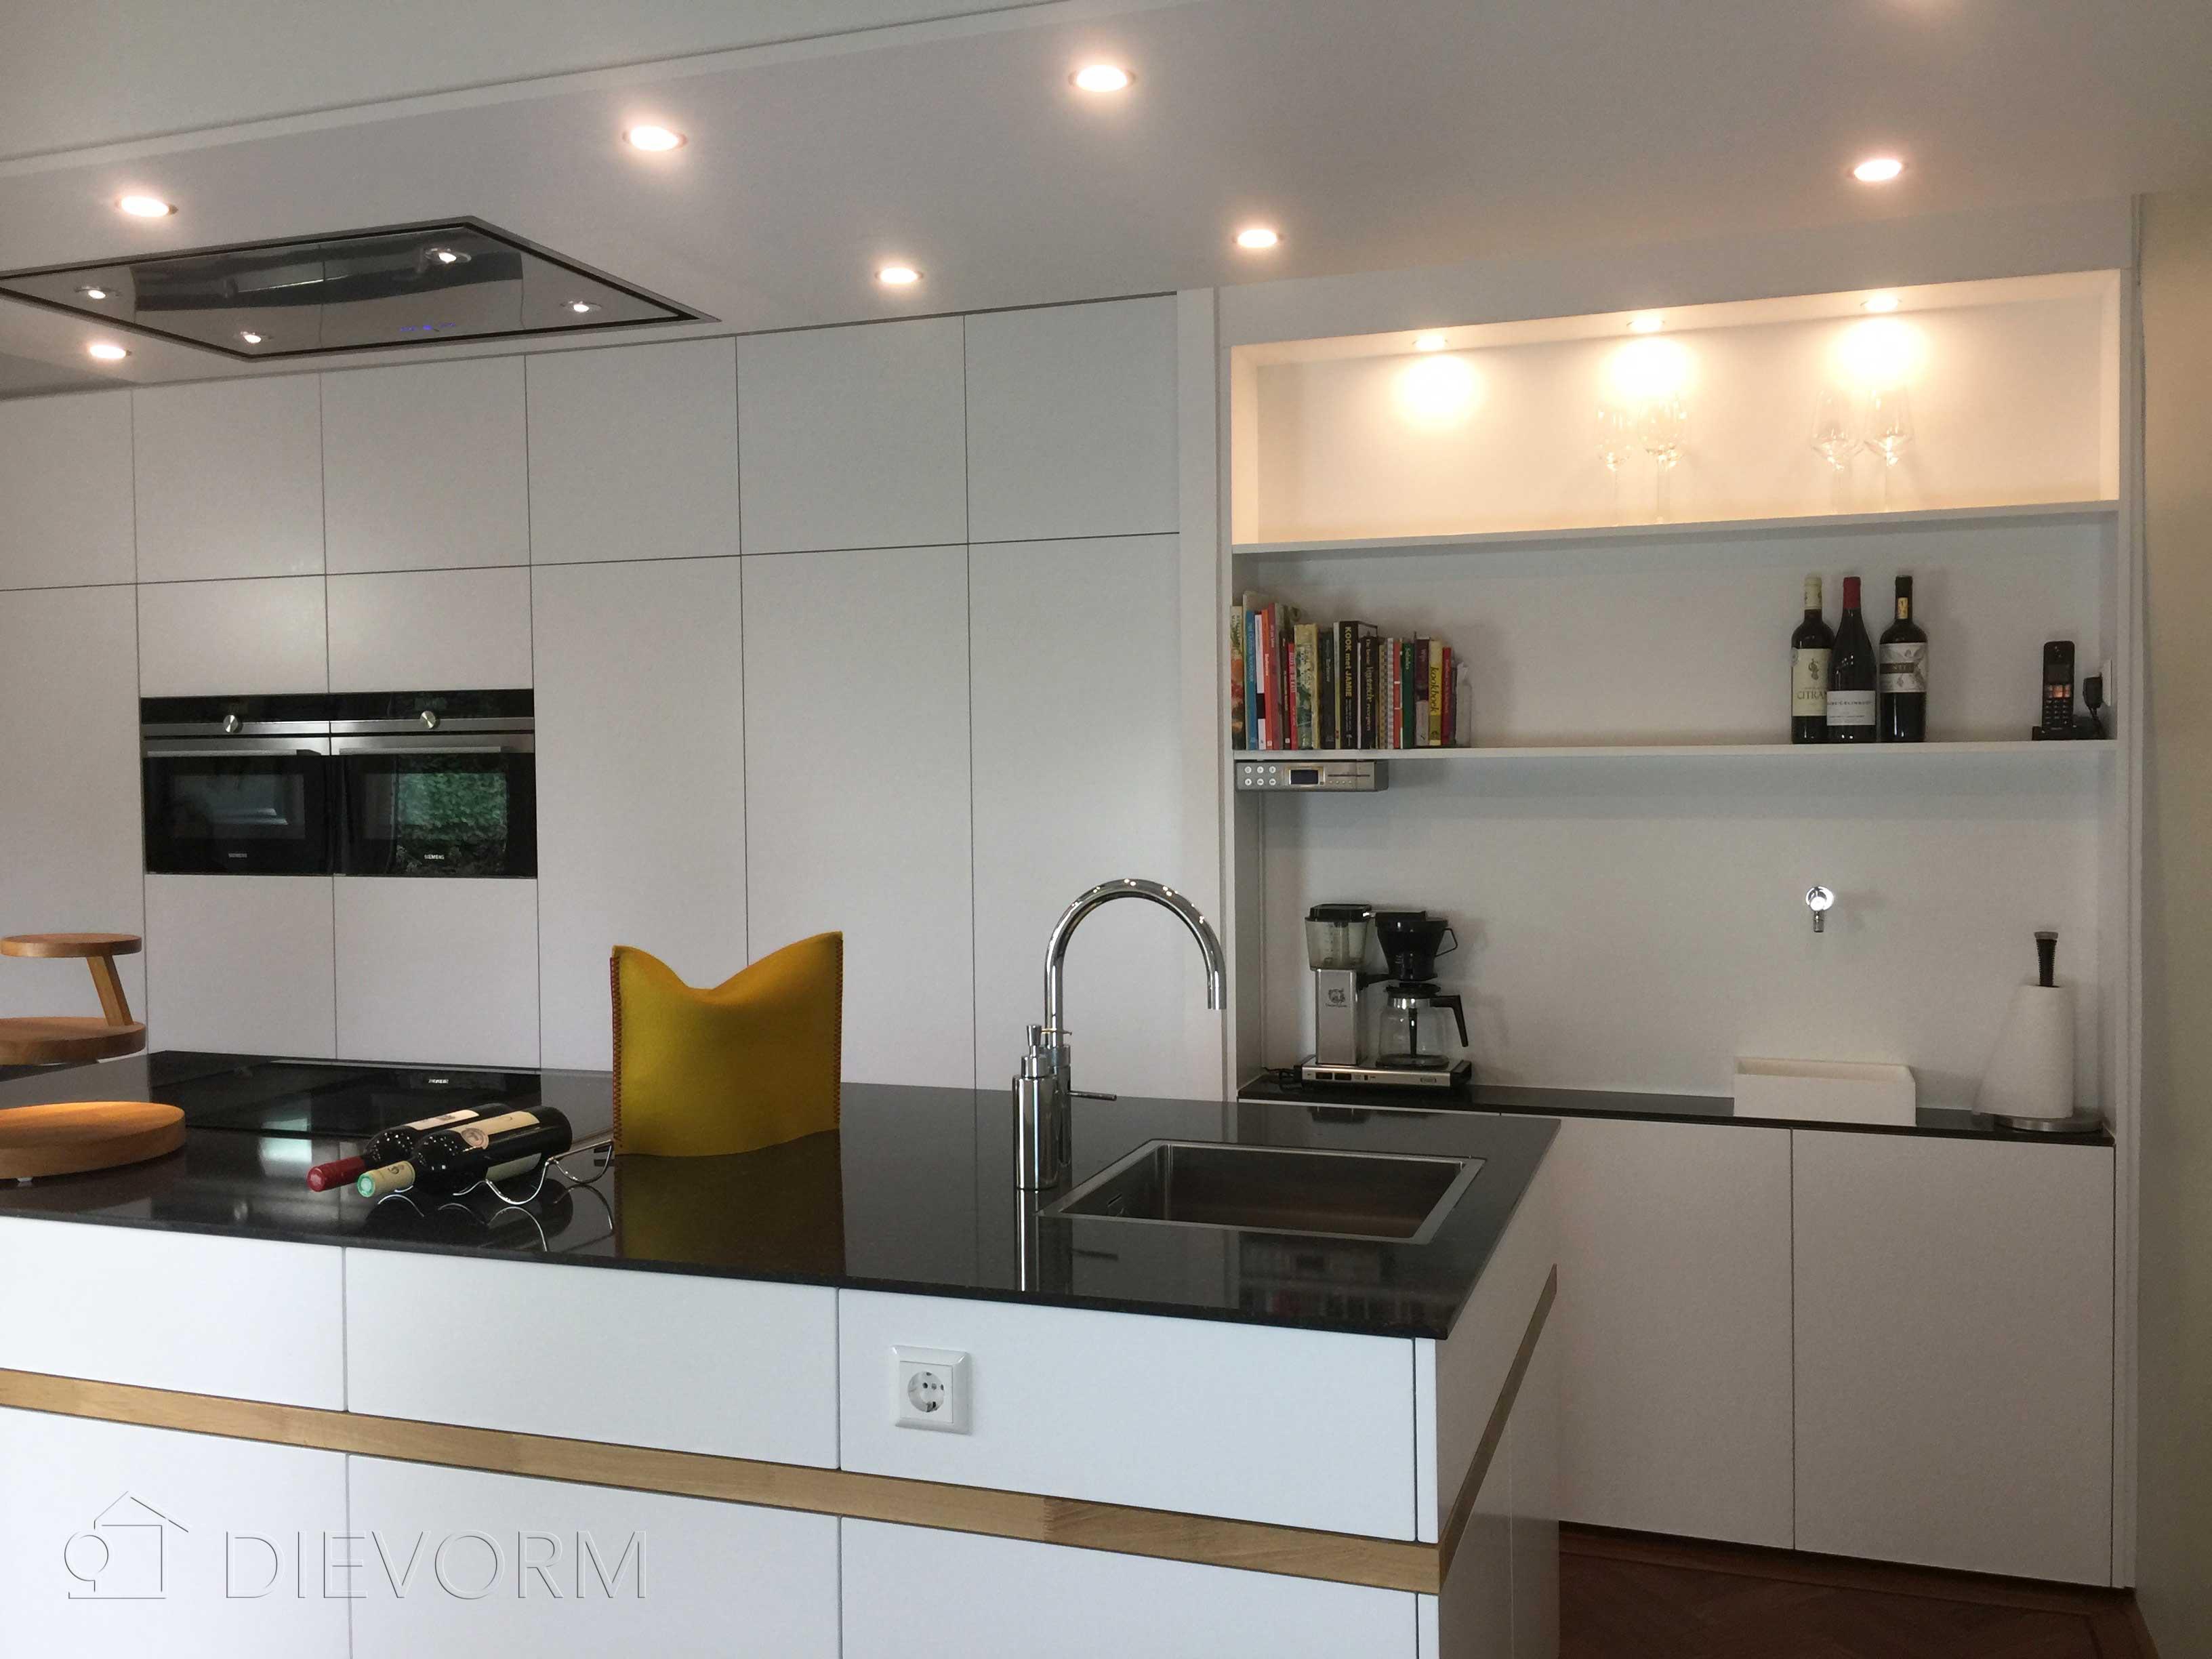 Landelijke keukens modern mijn keukens op maat laten maken - Tafel centraal eiland ...